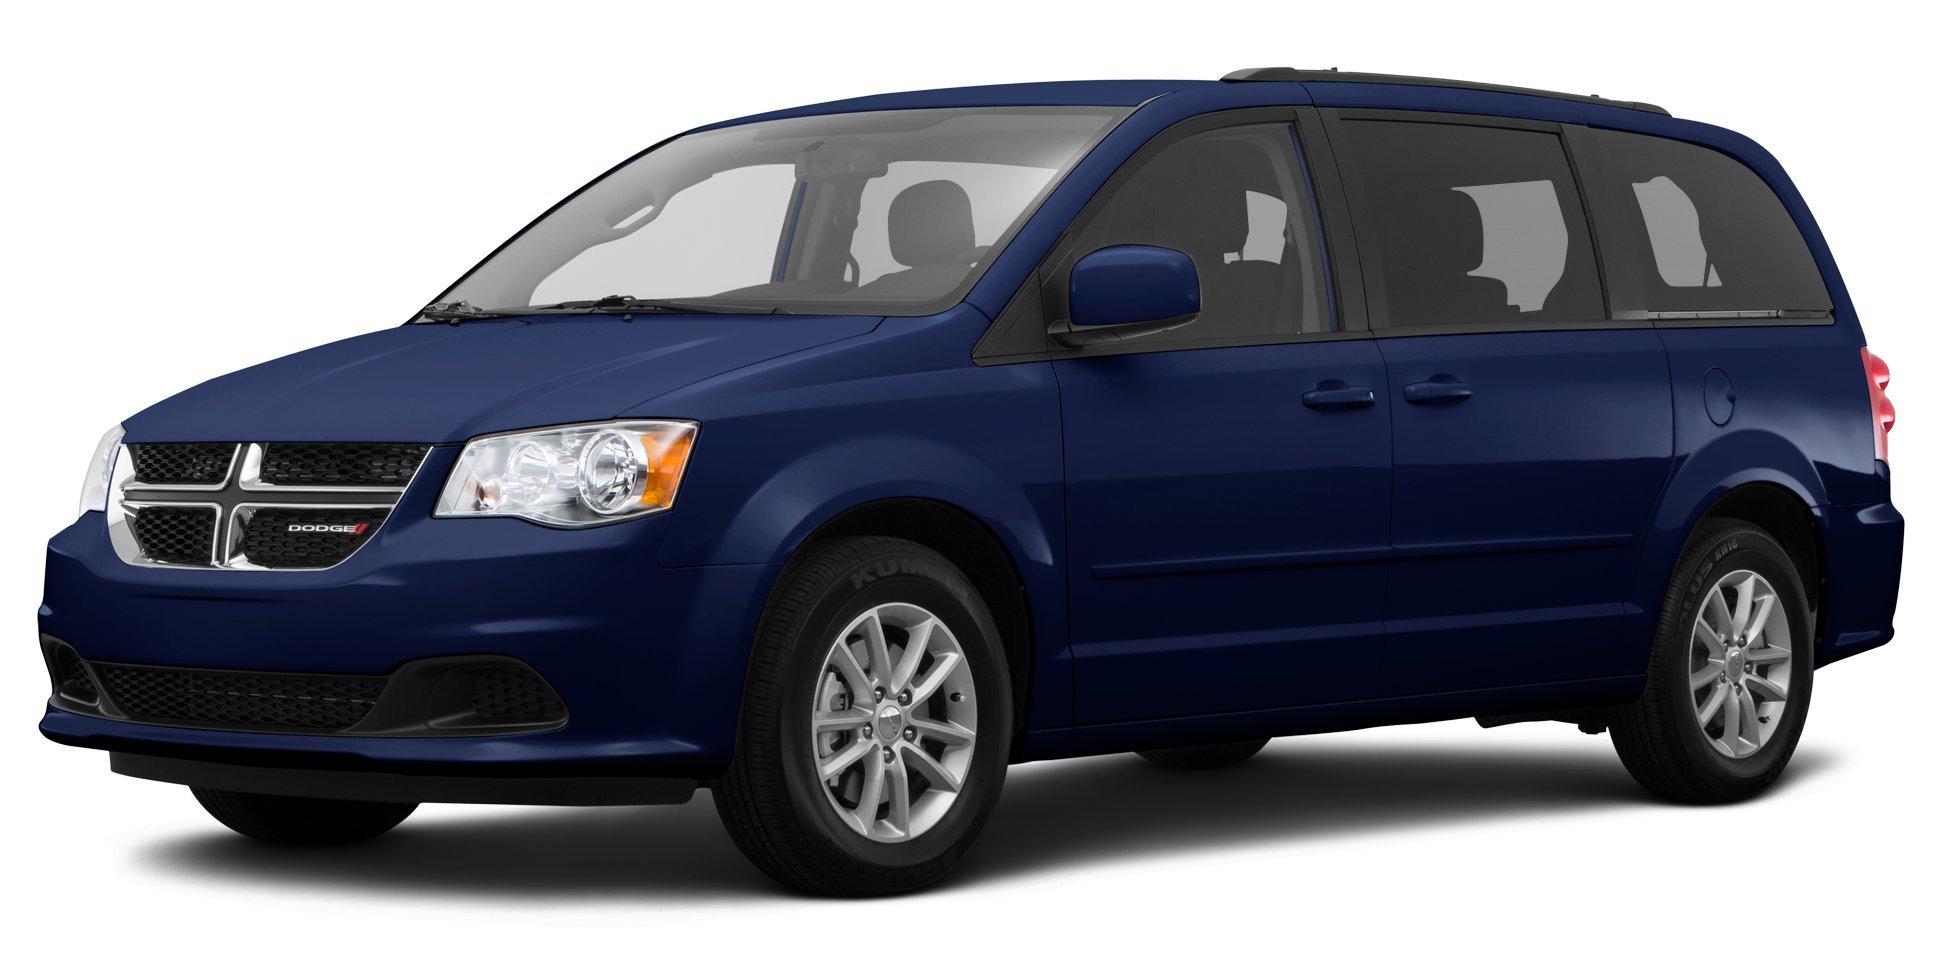 2015 Dodge Grand Caravan Sxt >> 2015 Dodge Grand Caravan Sxt Plus 4 Door Wagon True Blue Pearlcoat